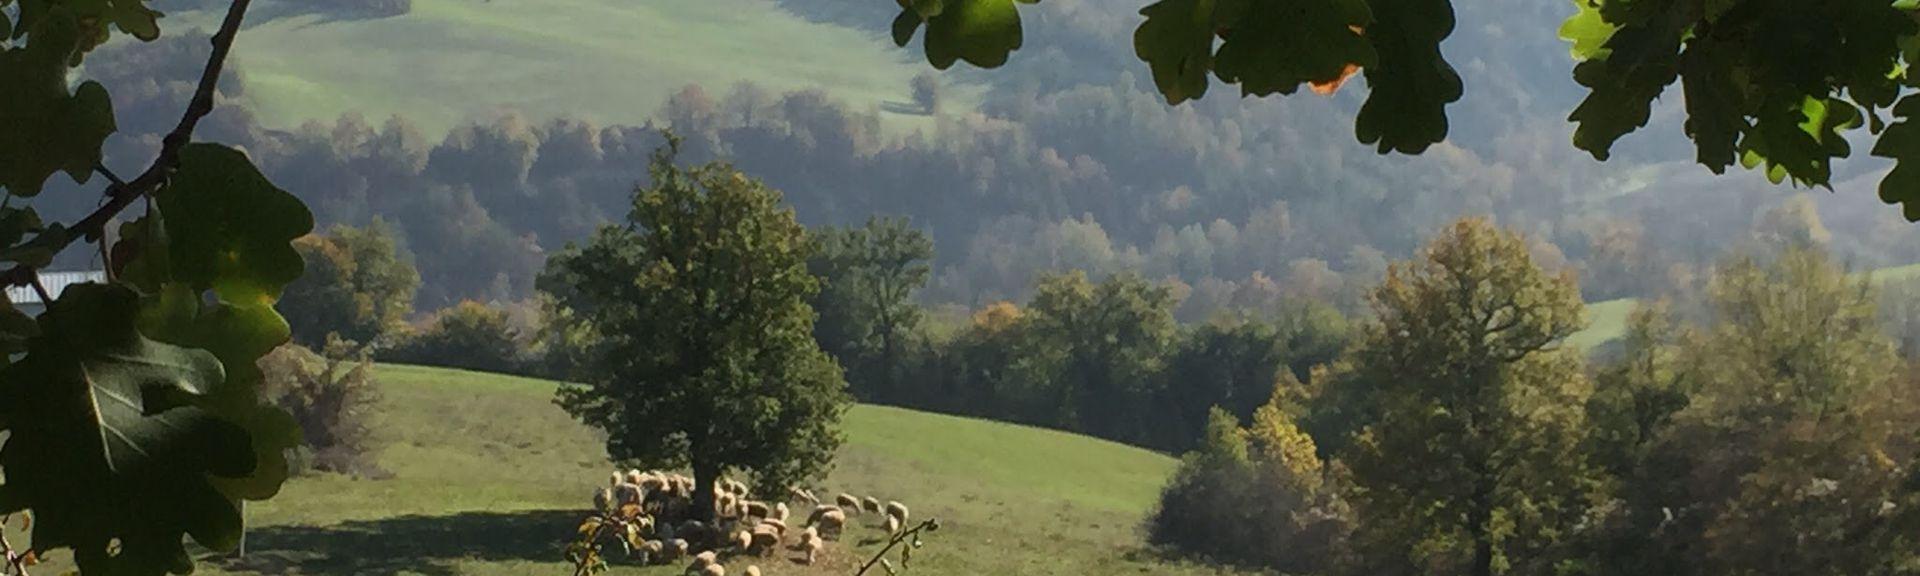 Penna San Giovanni, Marche, Italien